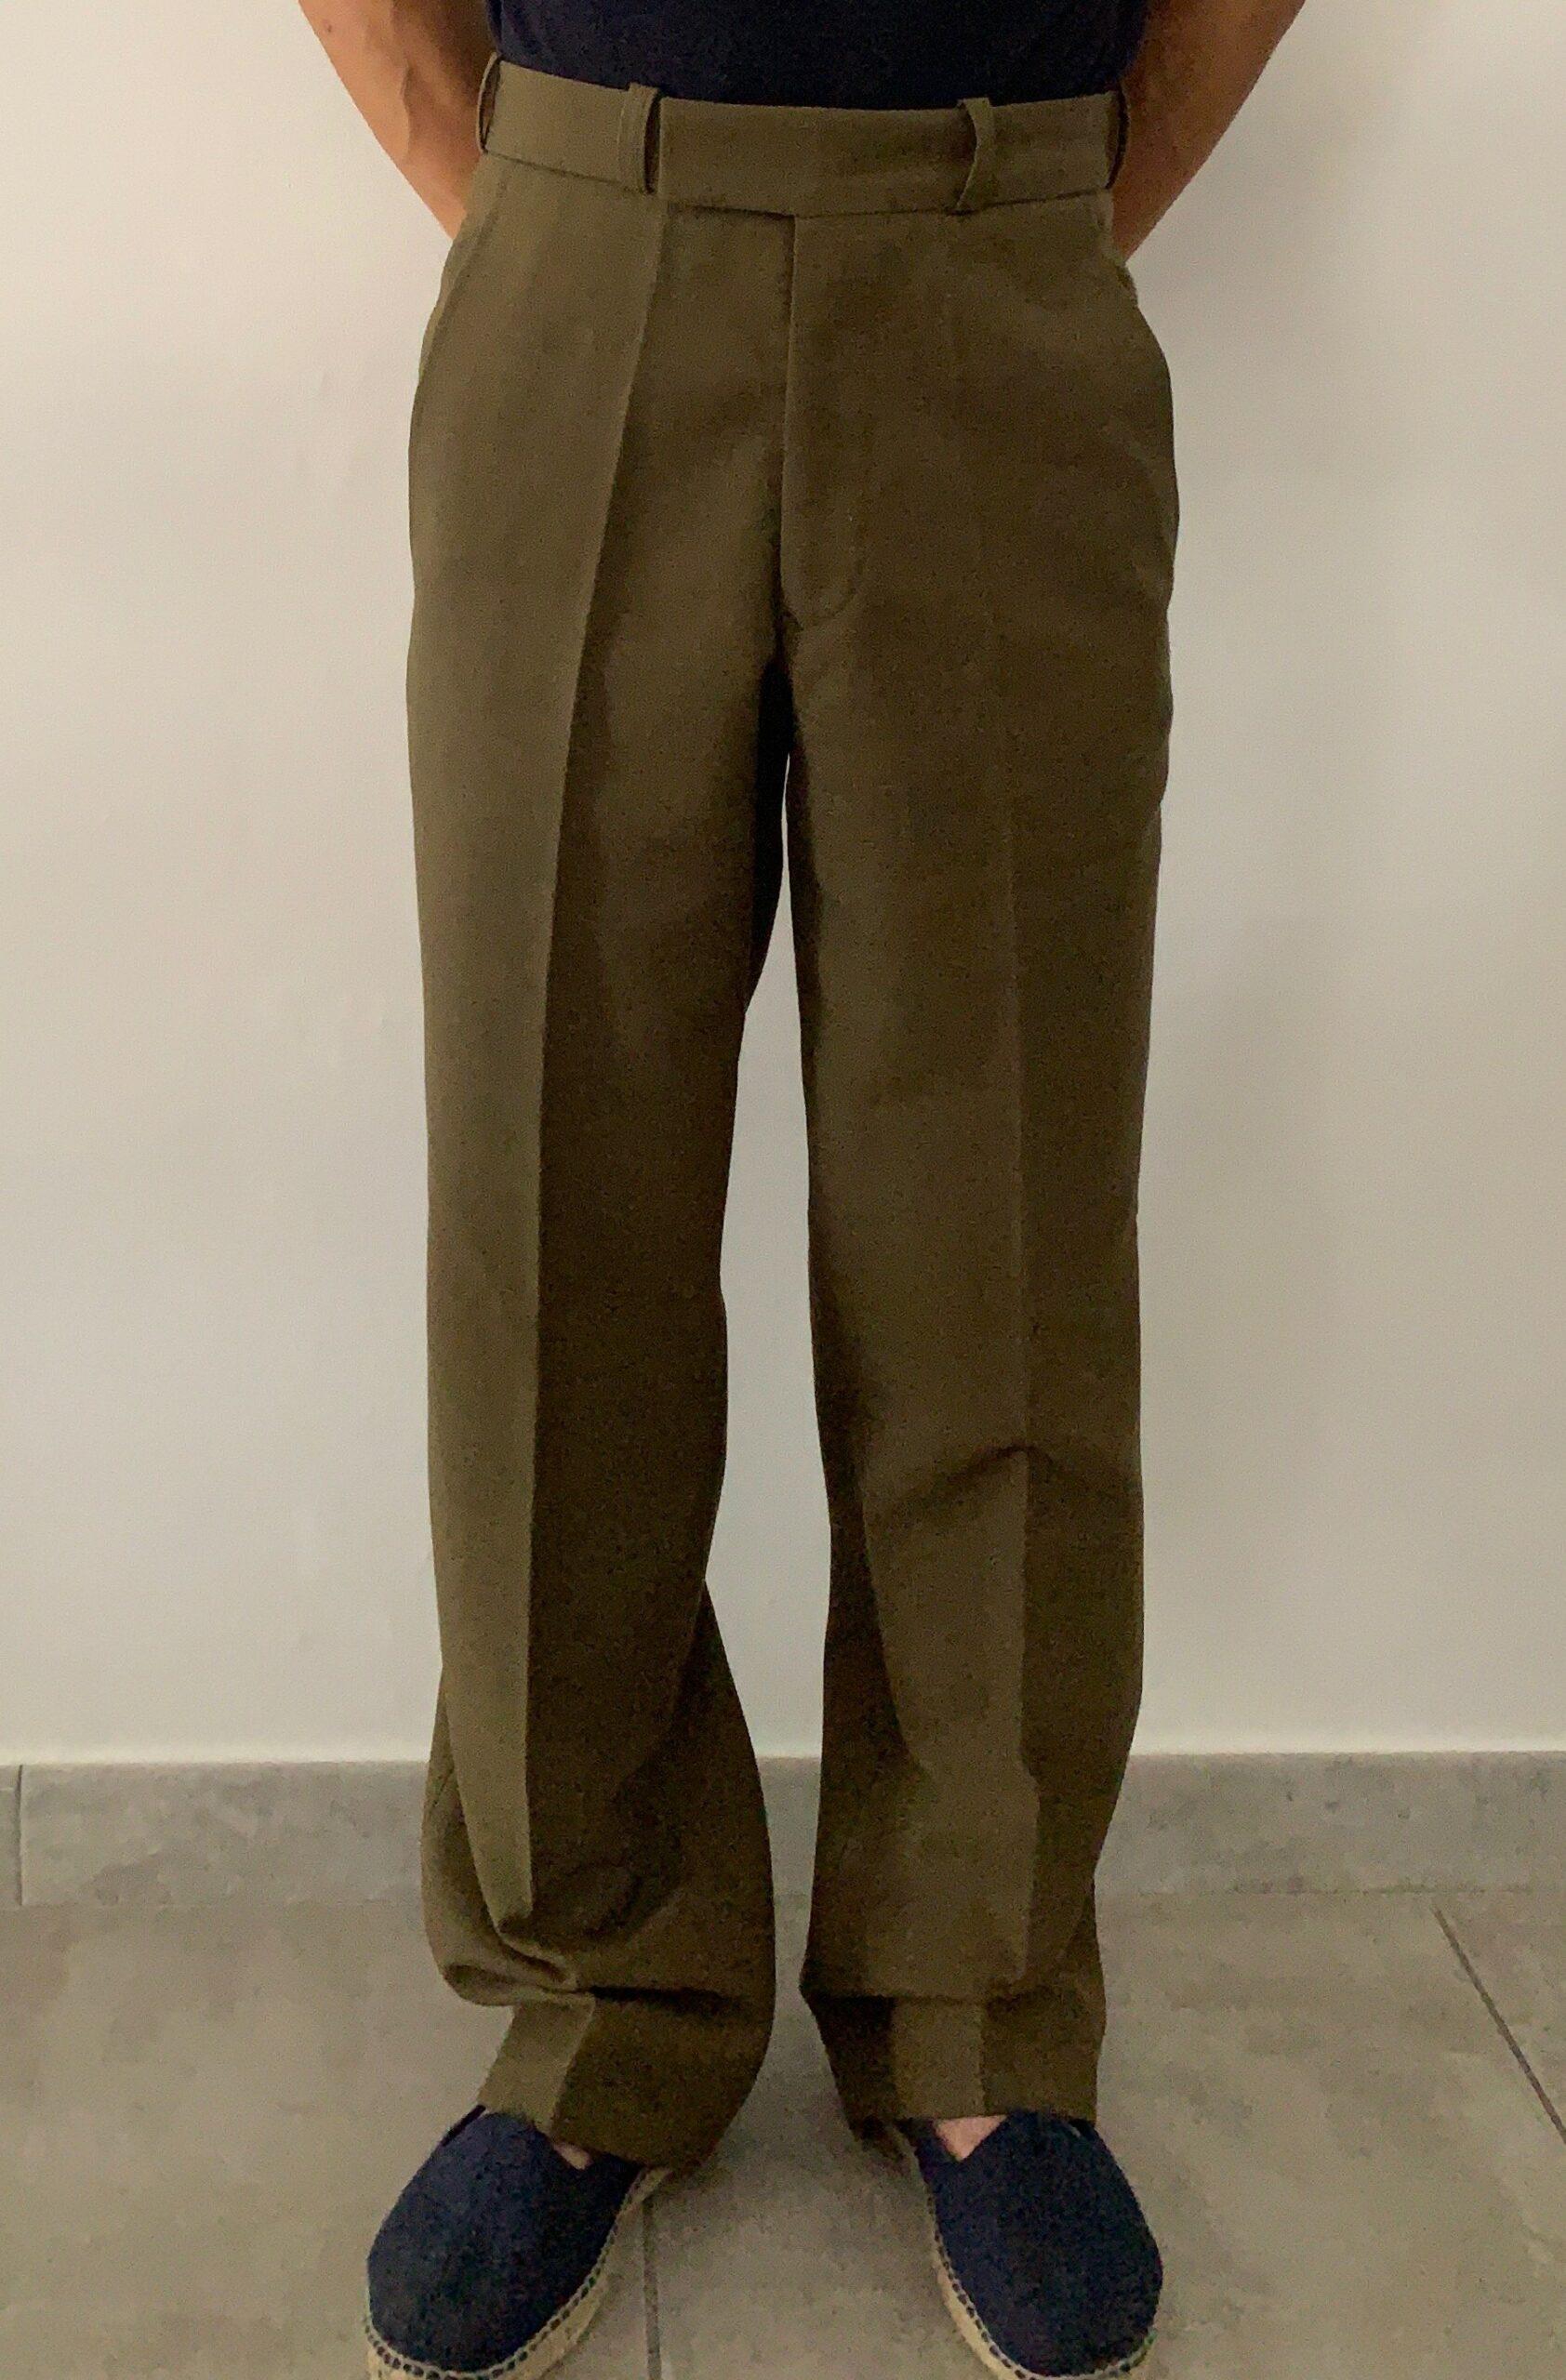 Ici mon ami Damien. Le pantalon a été trouvé 10€ dans un surplus militaire.